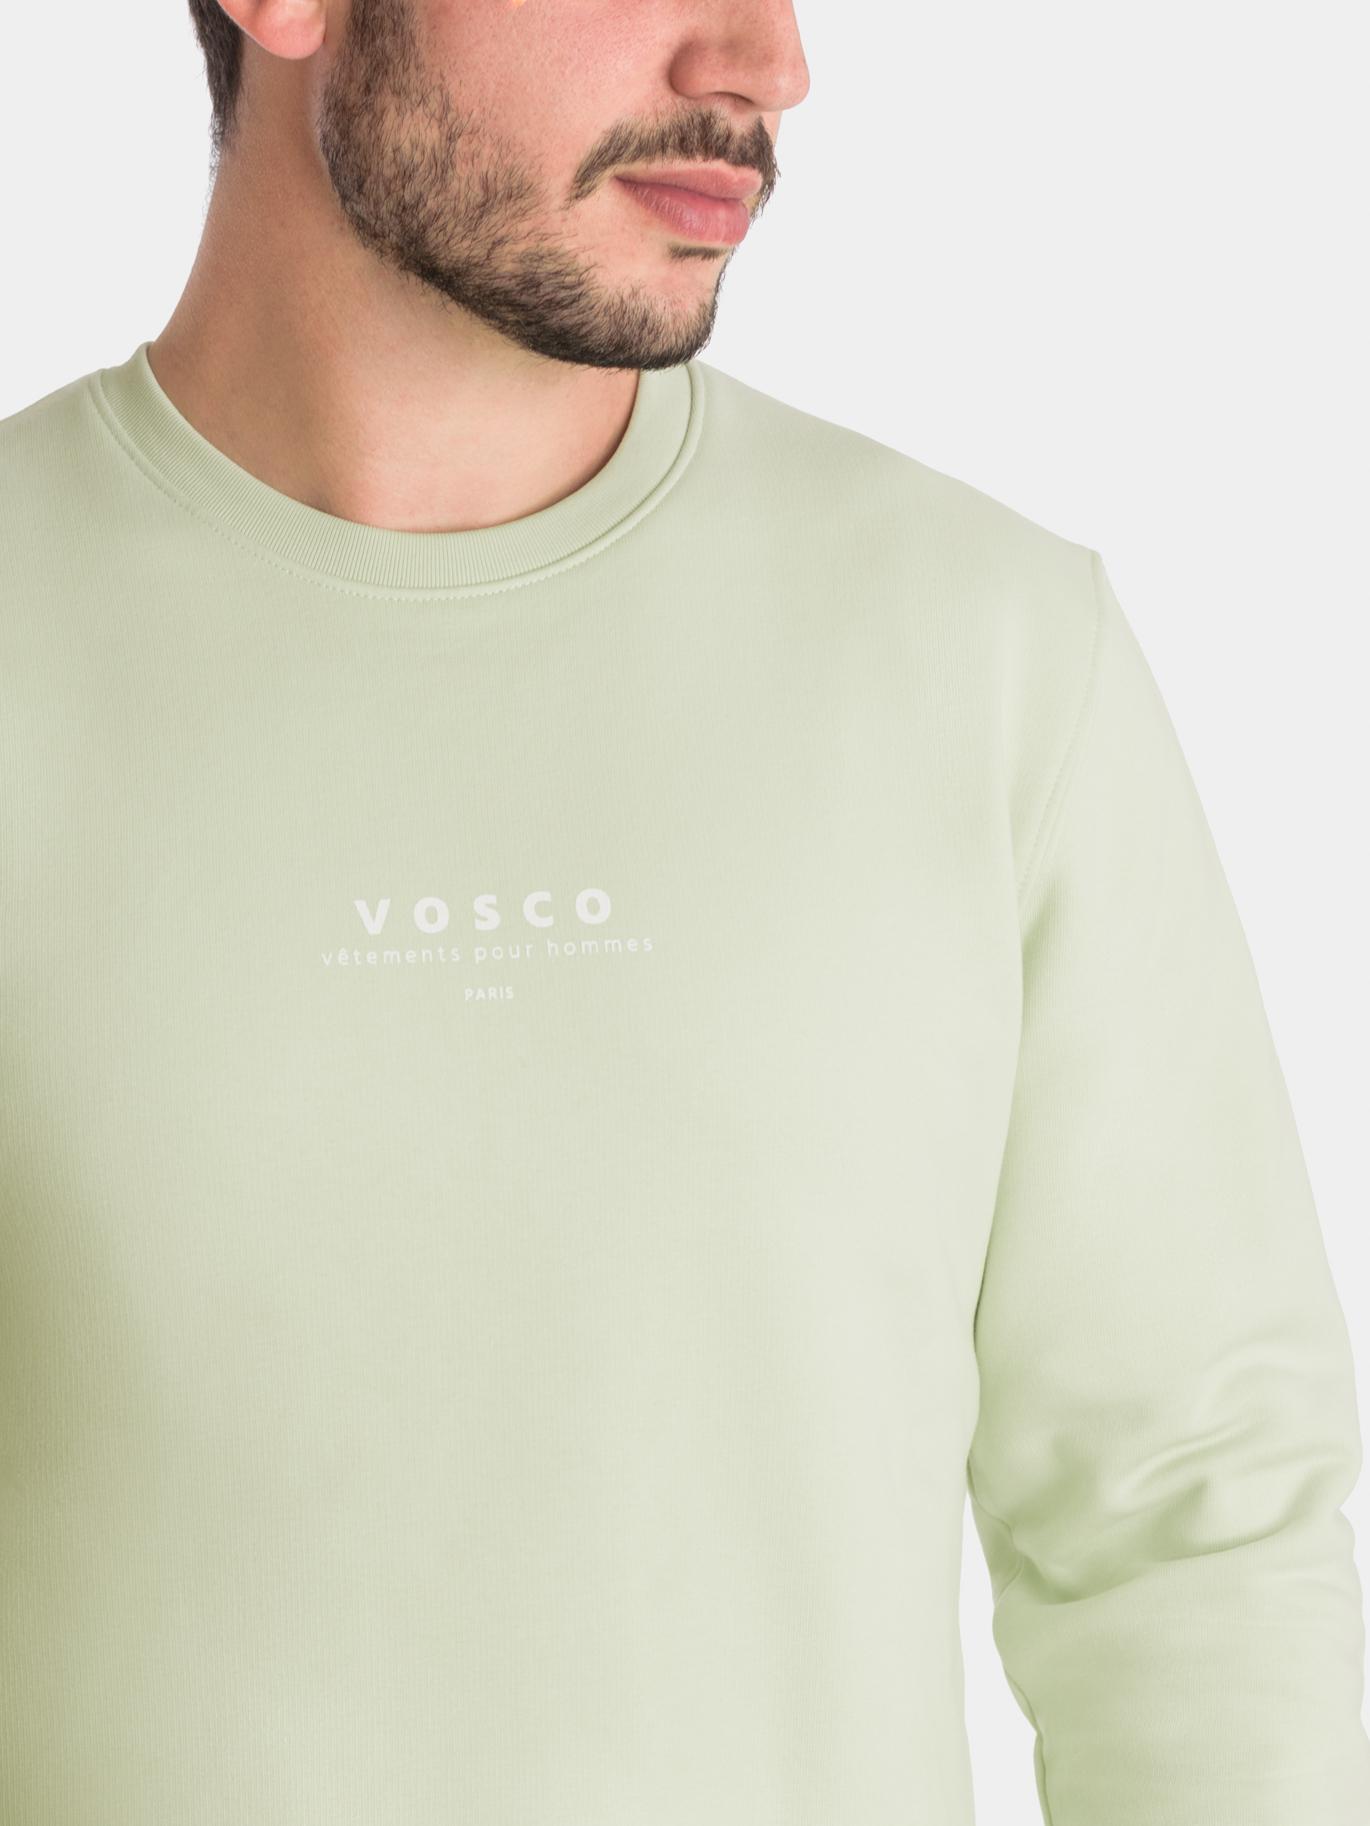 VOSCO SPORT